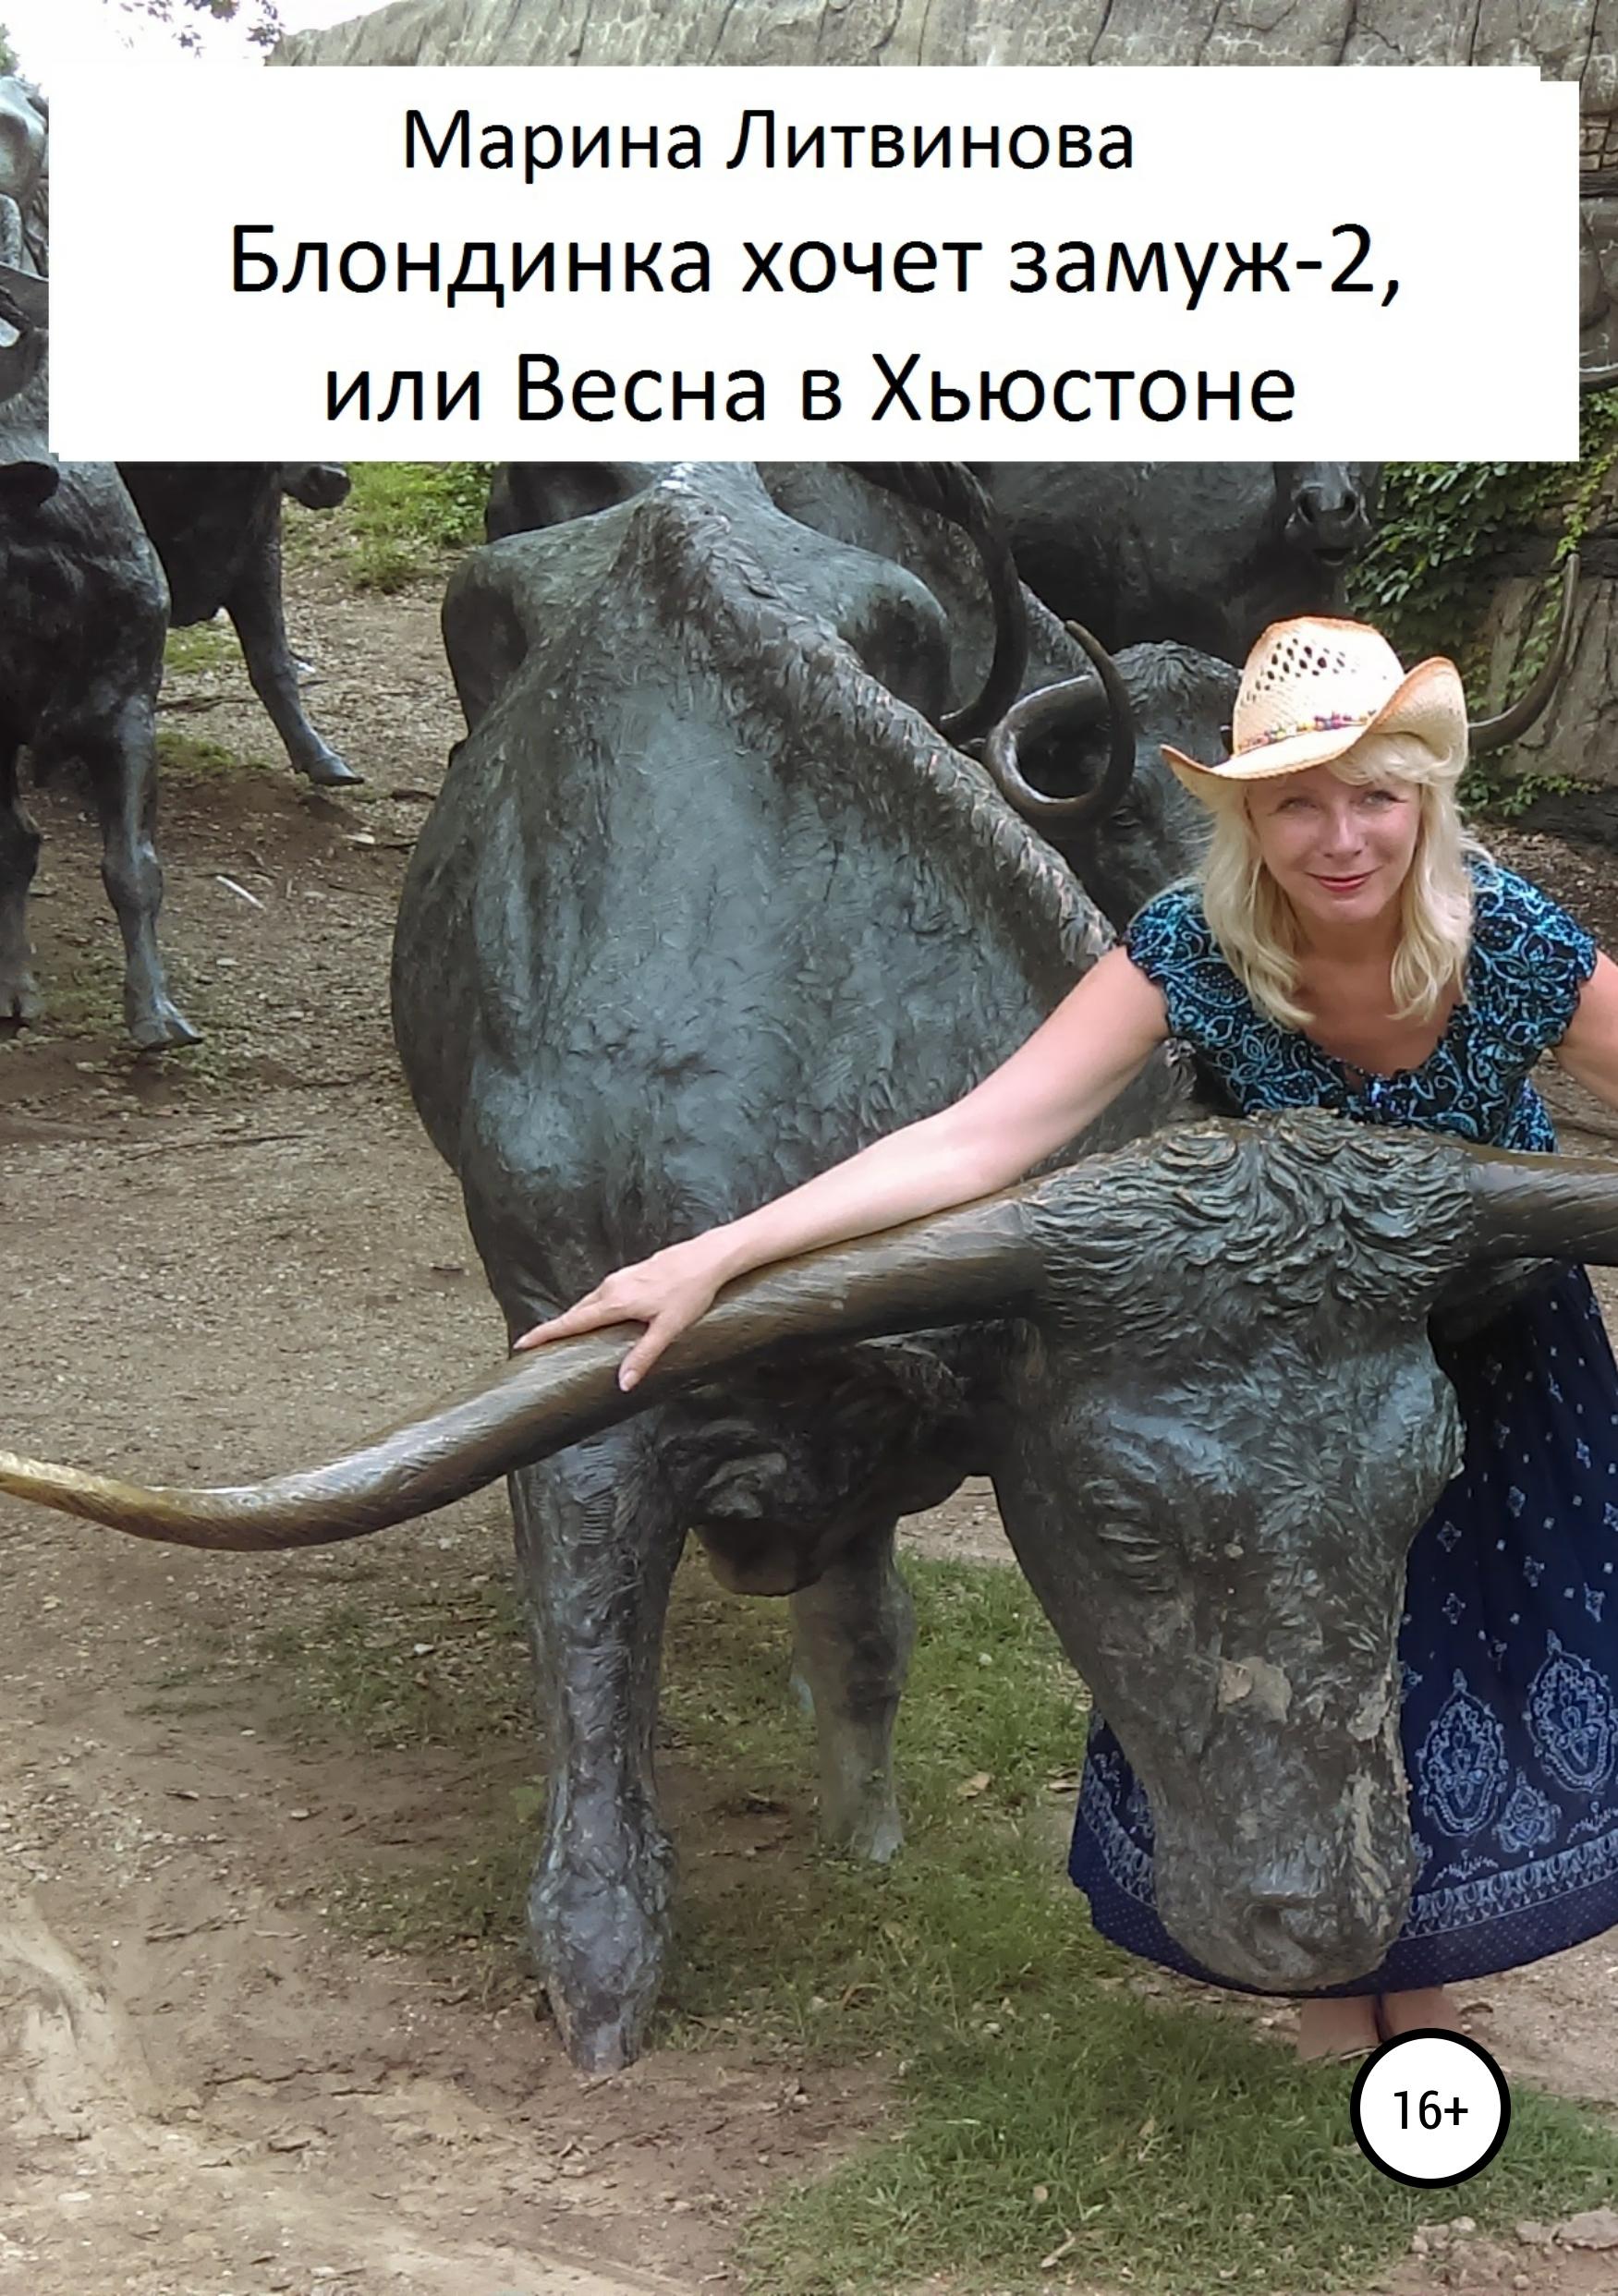 Марина Литвинова Блондинка хочет замуж-2, или Весна в Хьюстоне марина литвинова блондинка в южных штатах